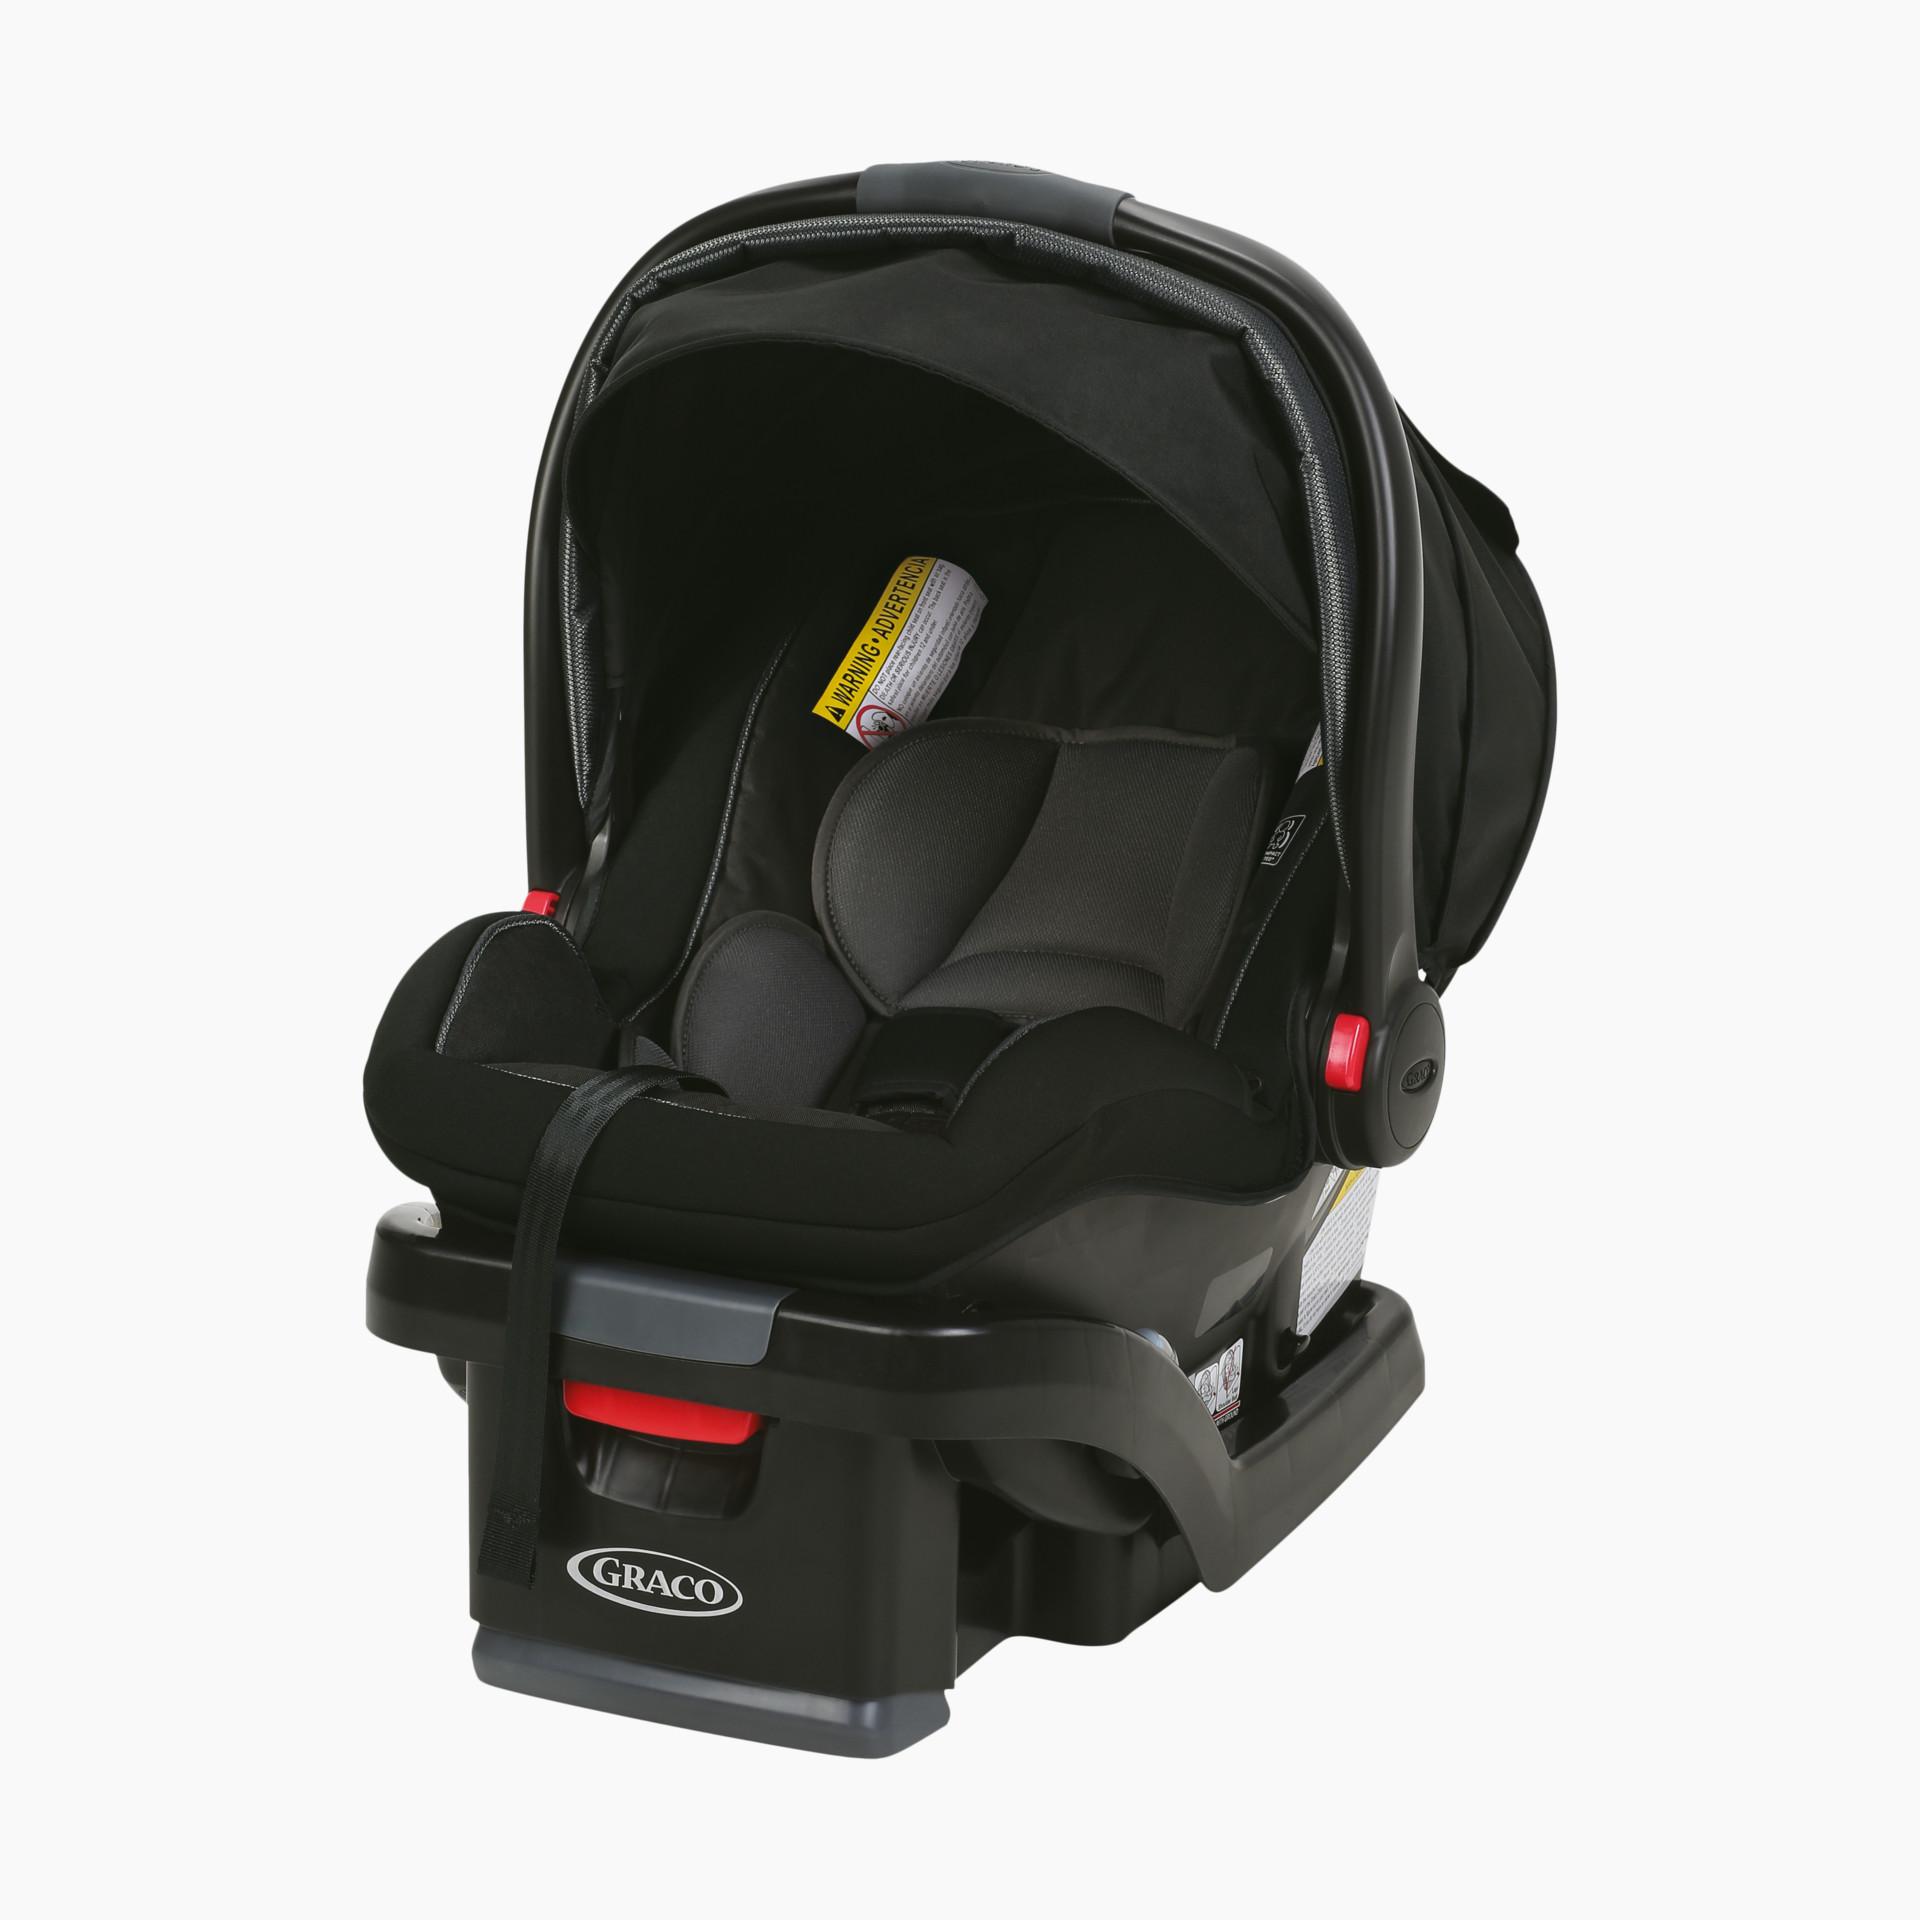 7cda5ec40b26 Graco SnugRide SnugLock 35 XT Infant Car Seat - Babylist Store